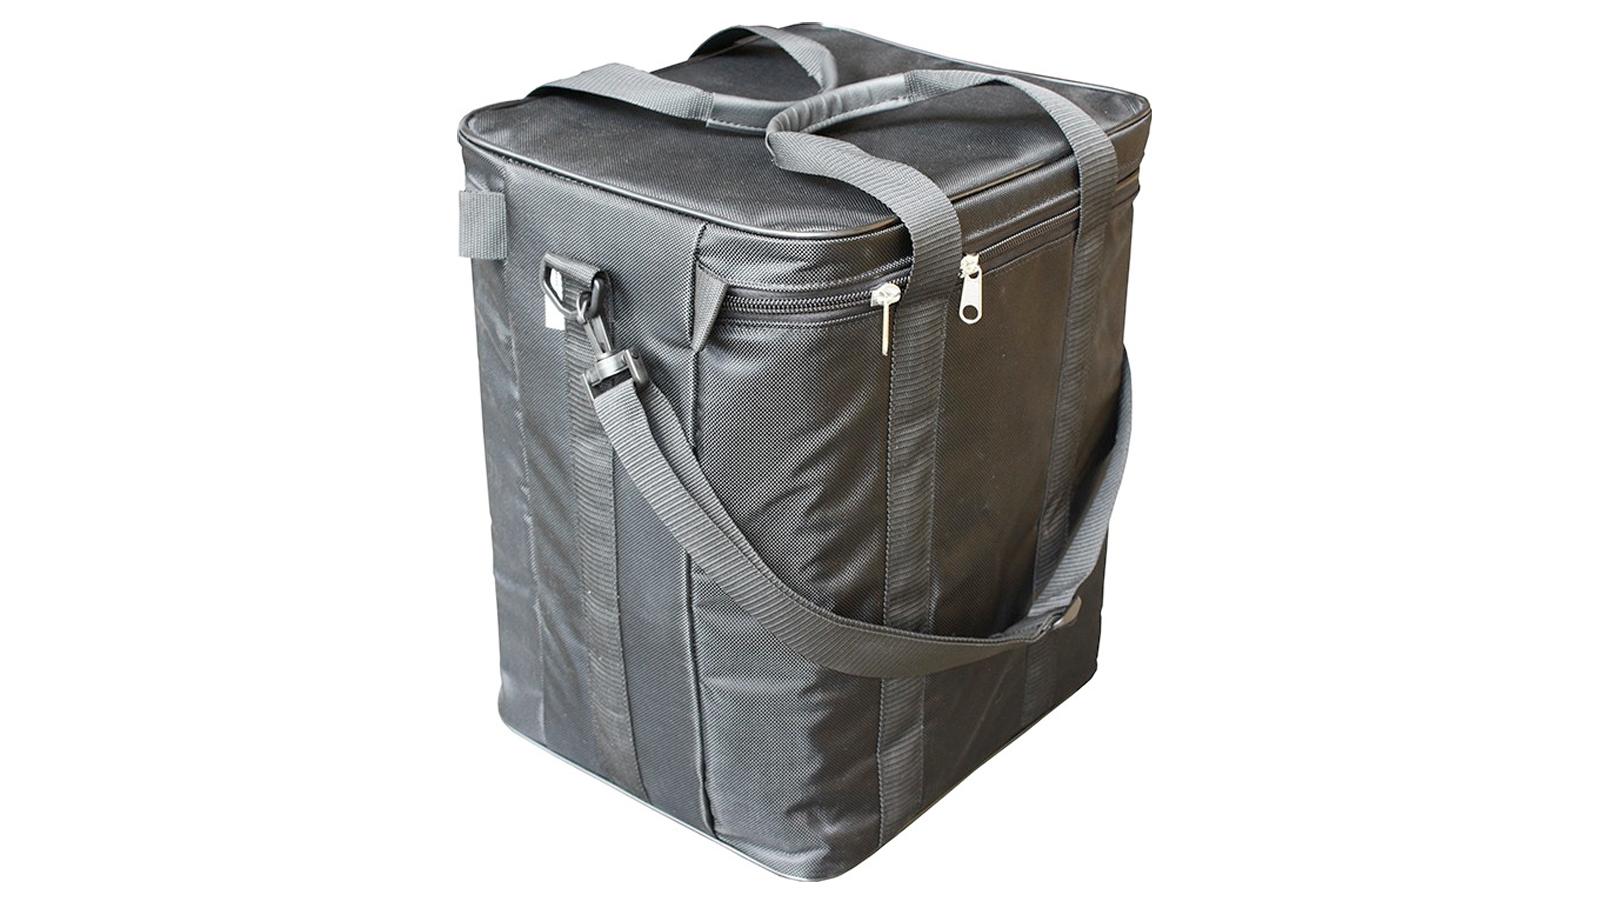 ACUS ONE-8 Bag